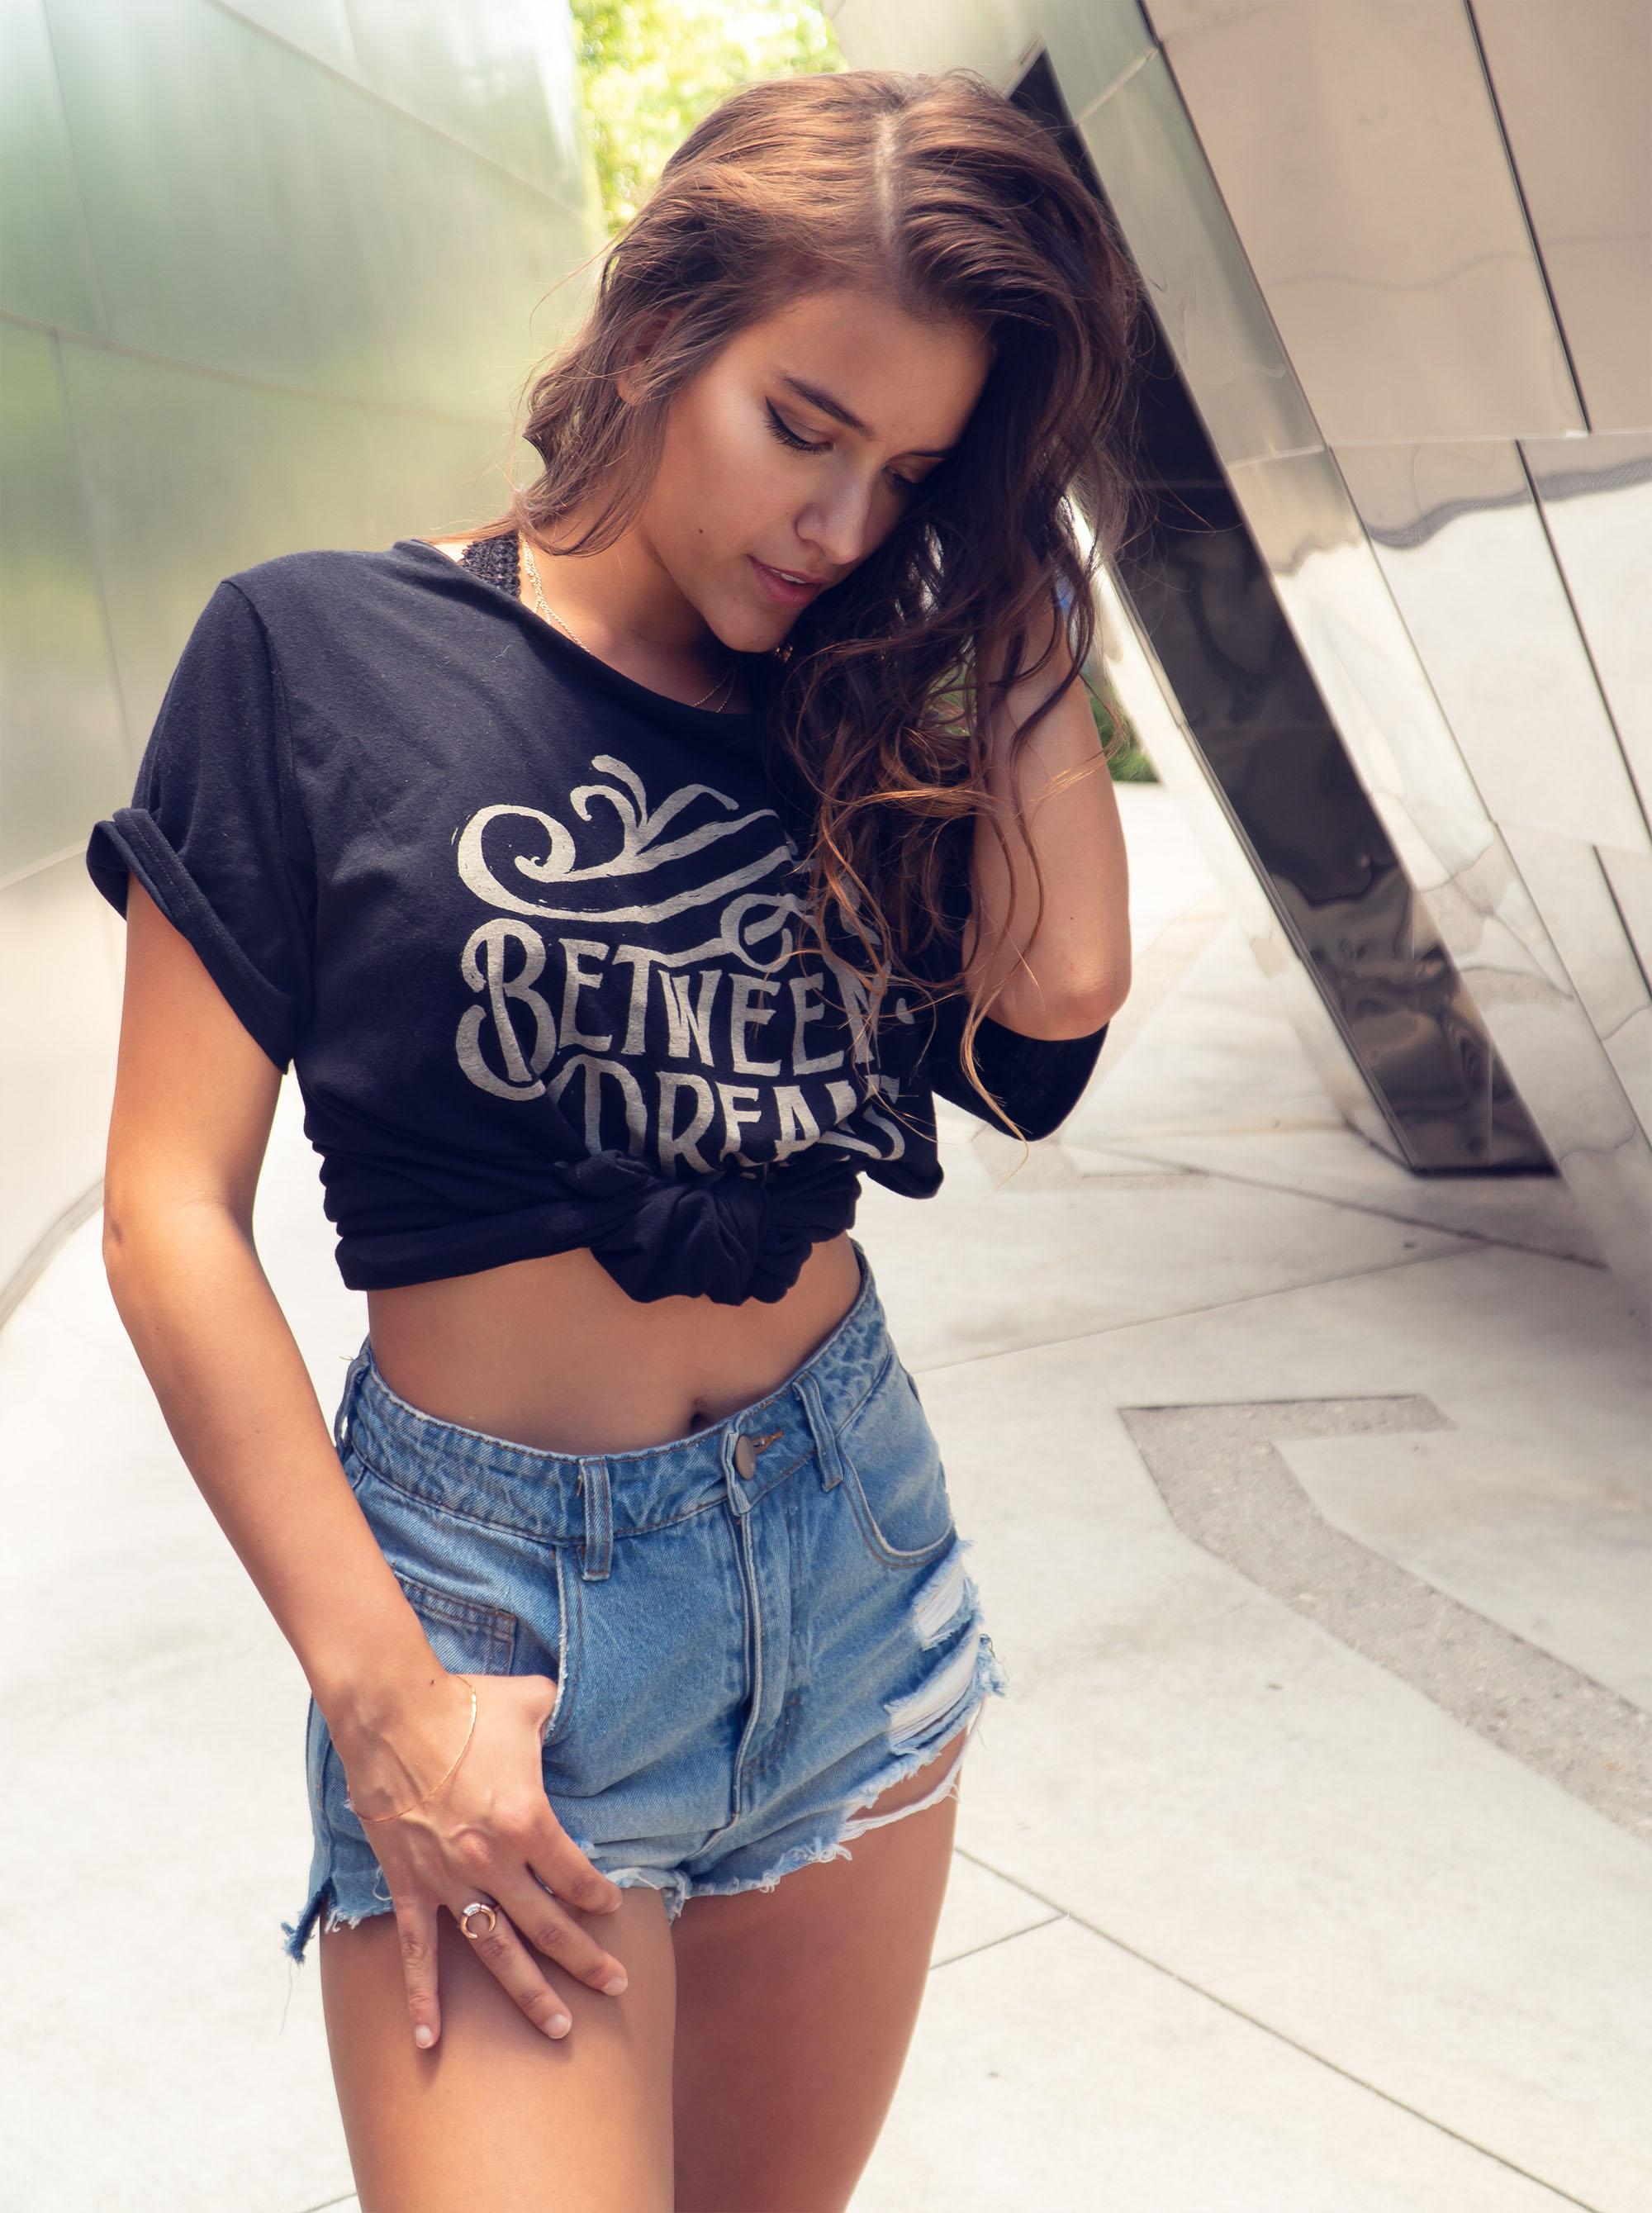 between dreams t shirt ari2.jpg